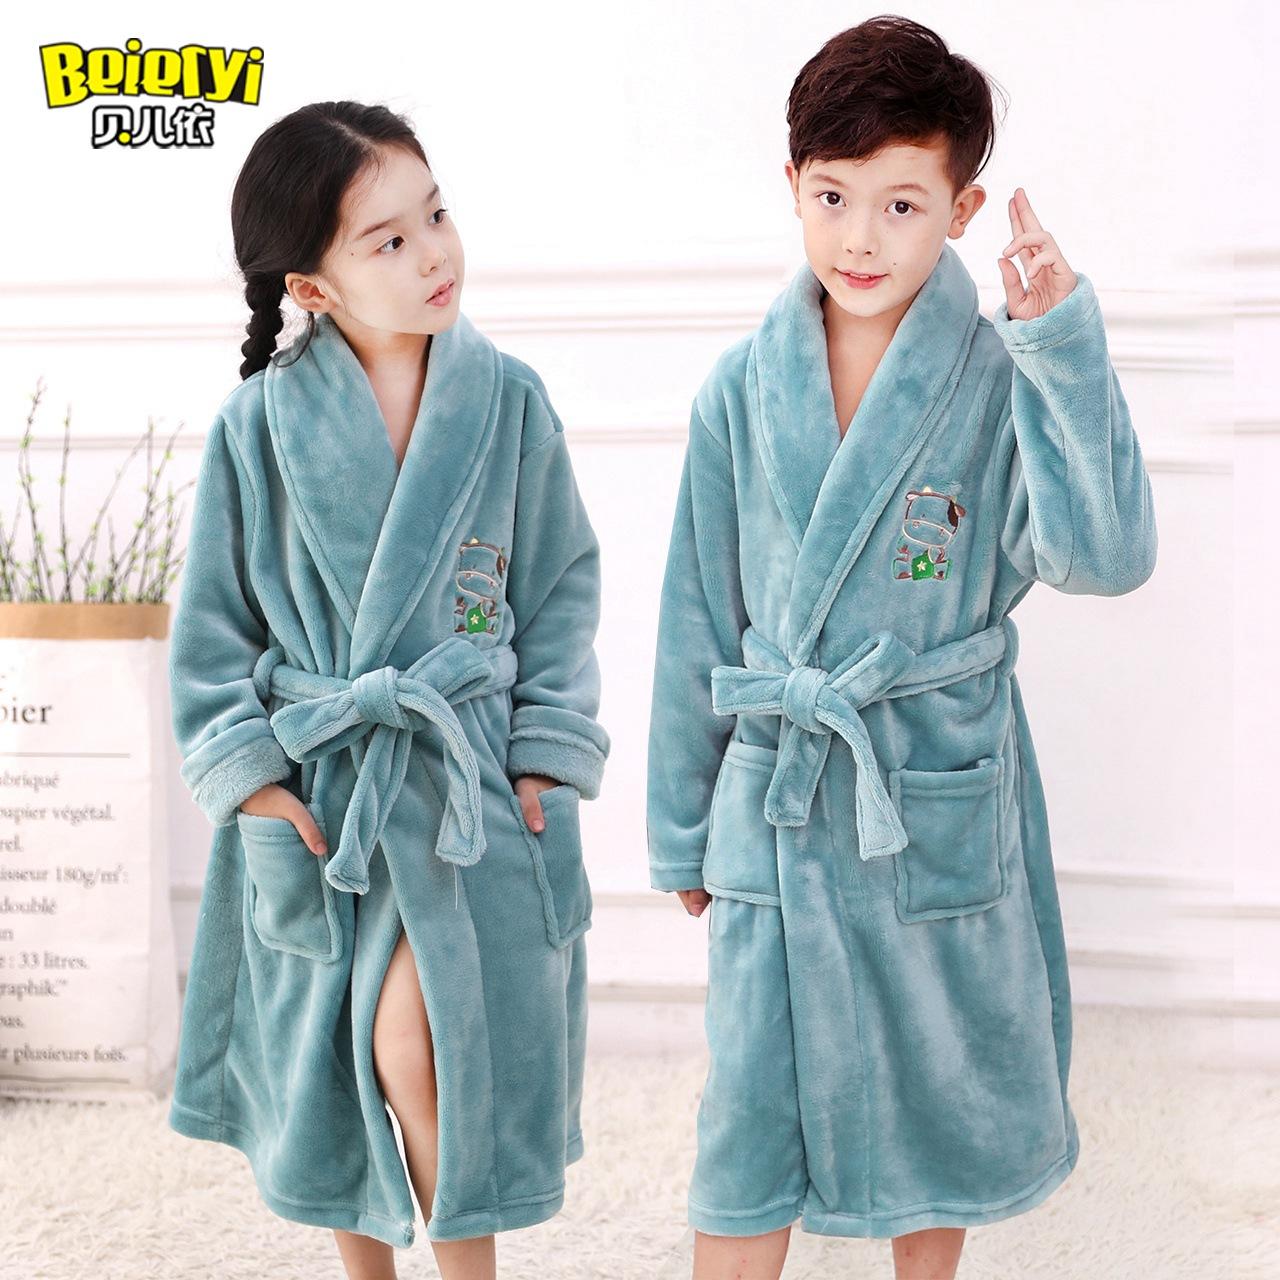 男孩冬季浴袍法兰绒睡衣睡袍珊瑚加厚女童宝宝儿童童装男童家居服